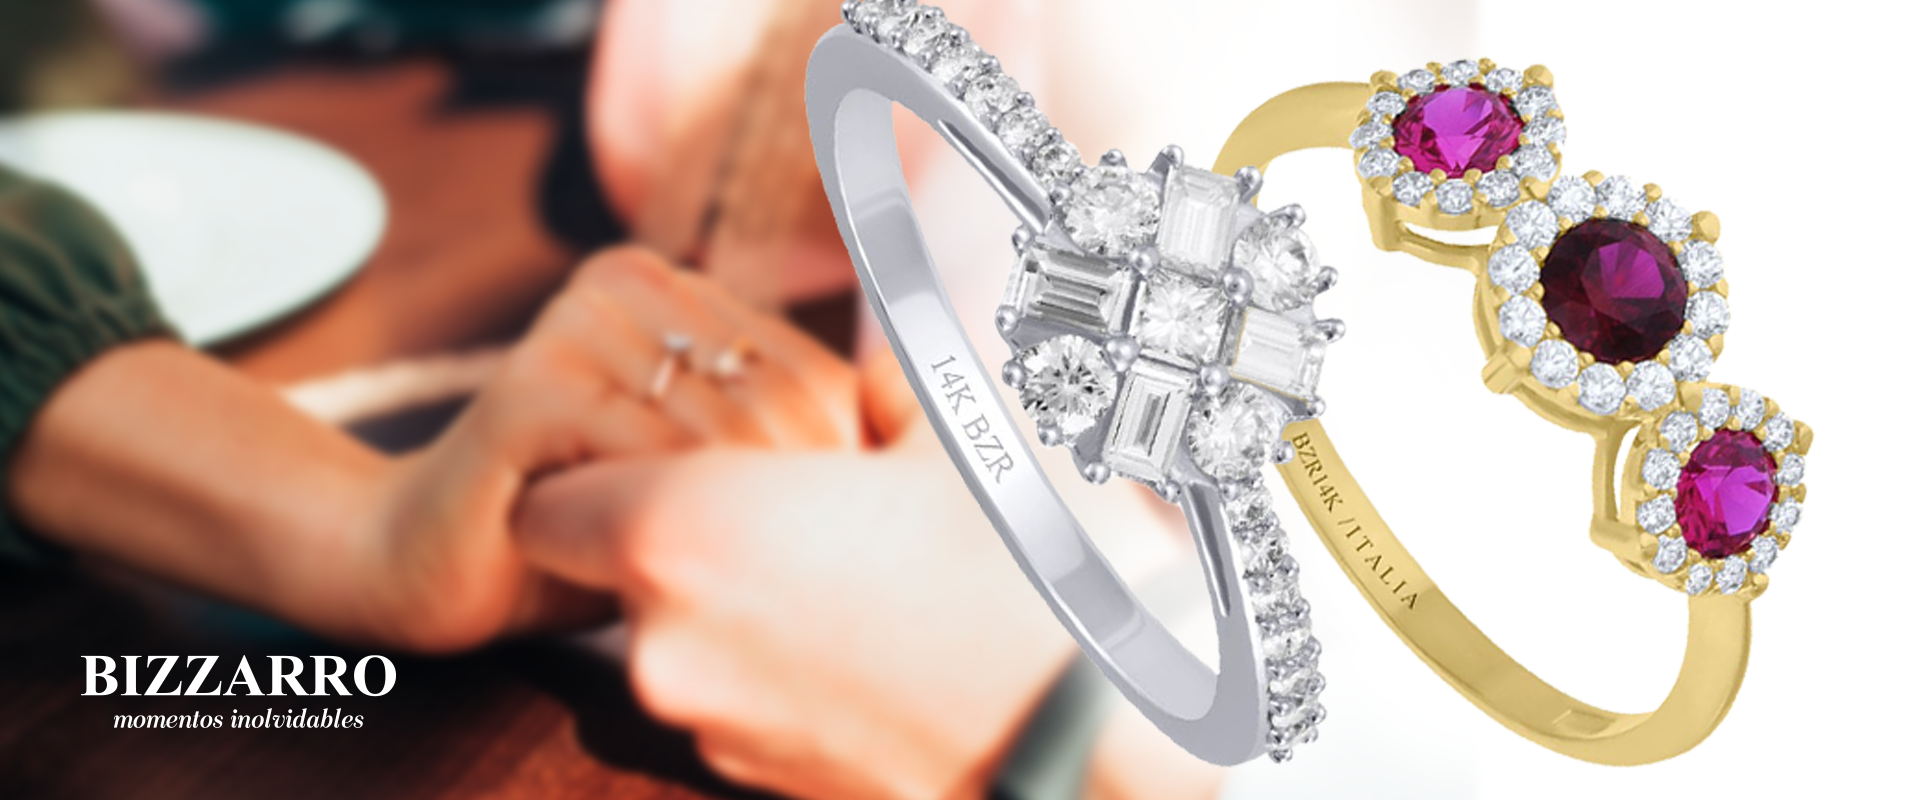 Lo que esconde el número de piedras en el anillo de compromiso